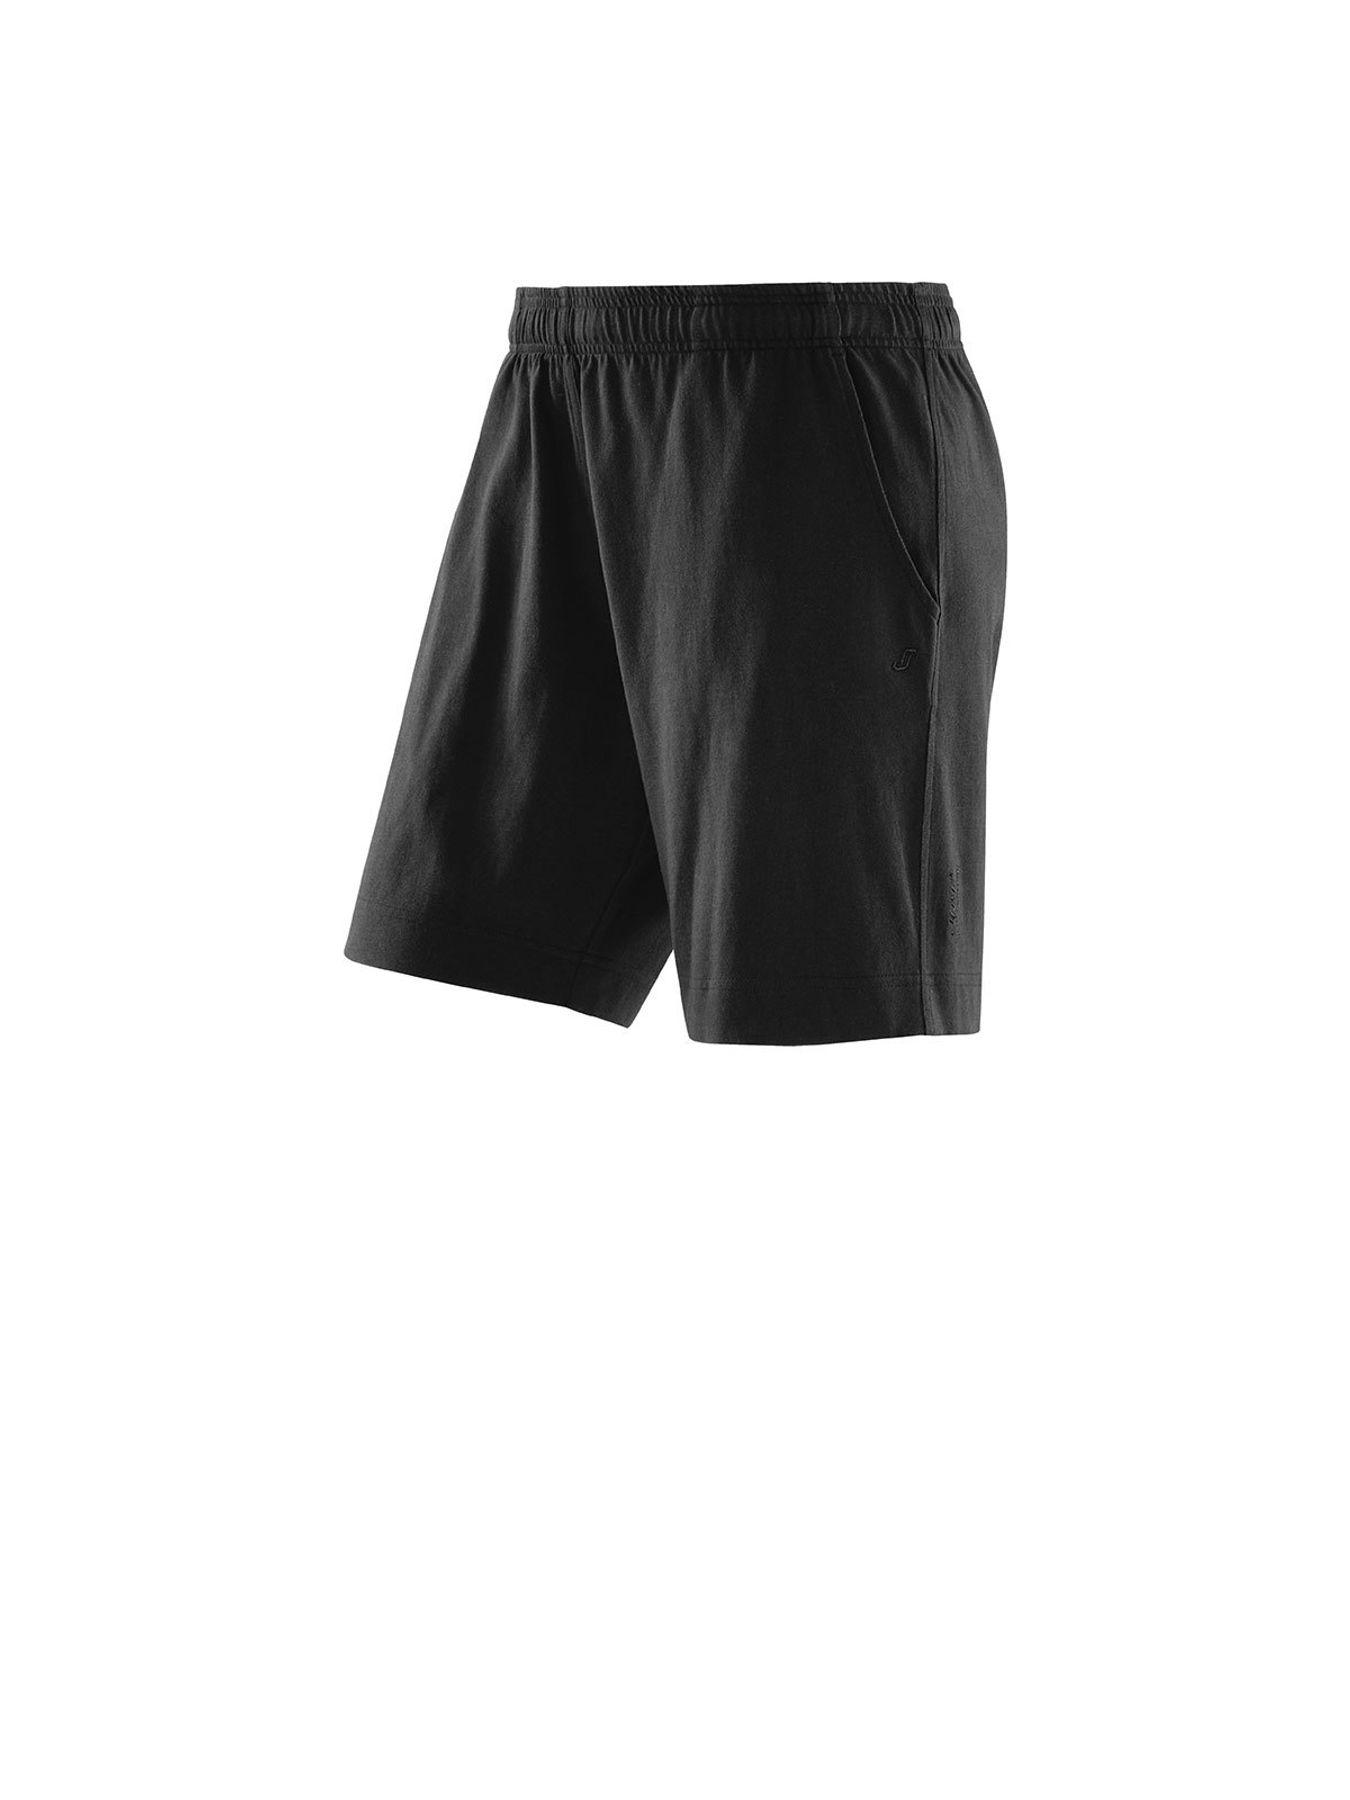 Joy - Herren Sport und Freizeit Shorts in verschiedenen Farben, Ringo (40219) – Bild 3